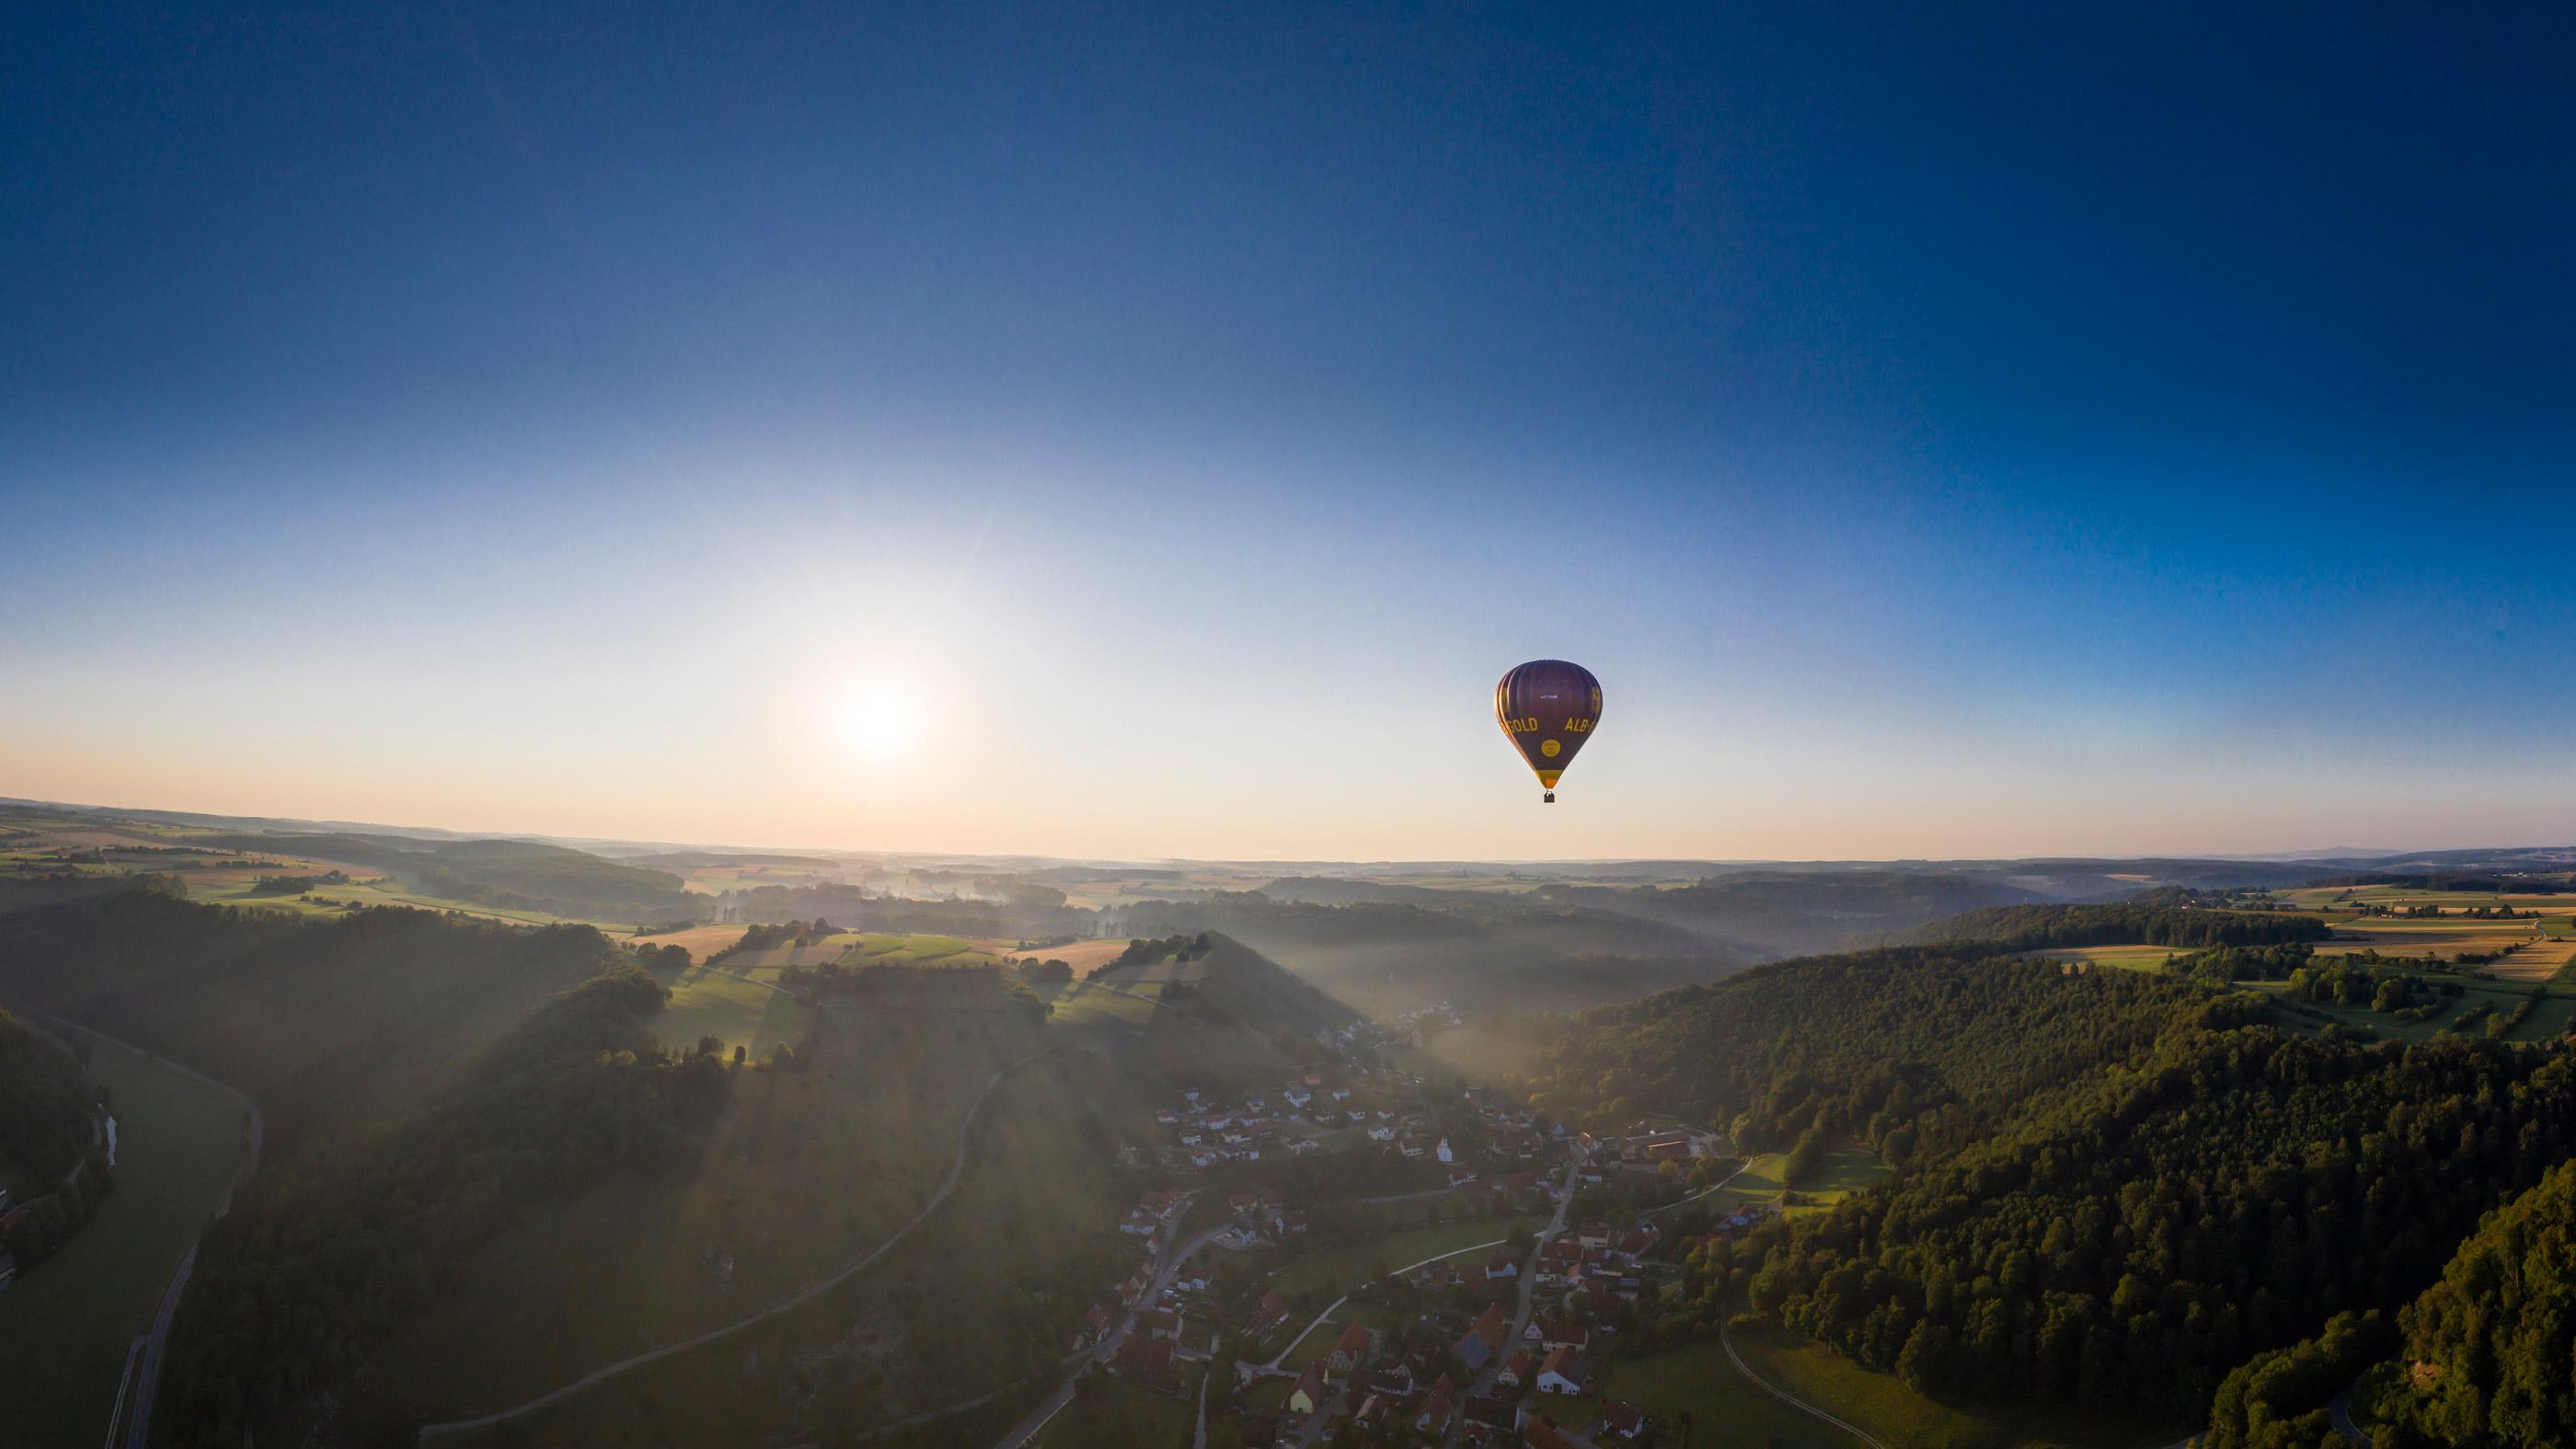 Ballonfahrt über die Schwäbische Alb ©  TMBW / Dietmar Denger